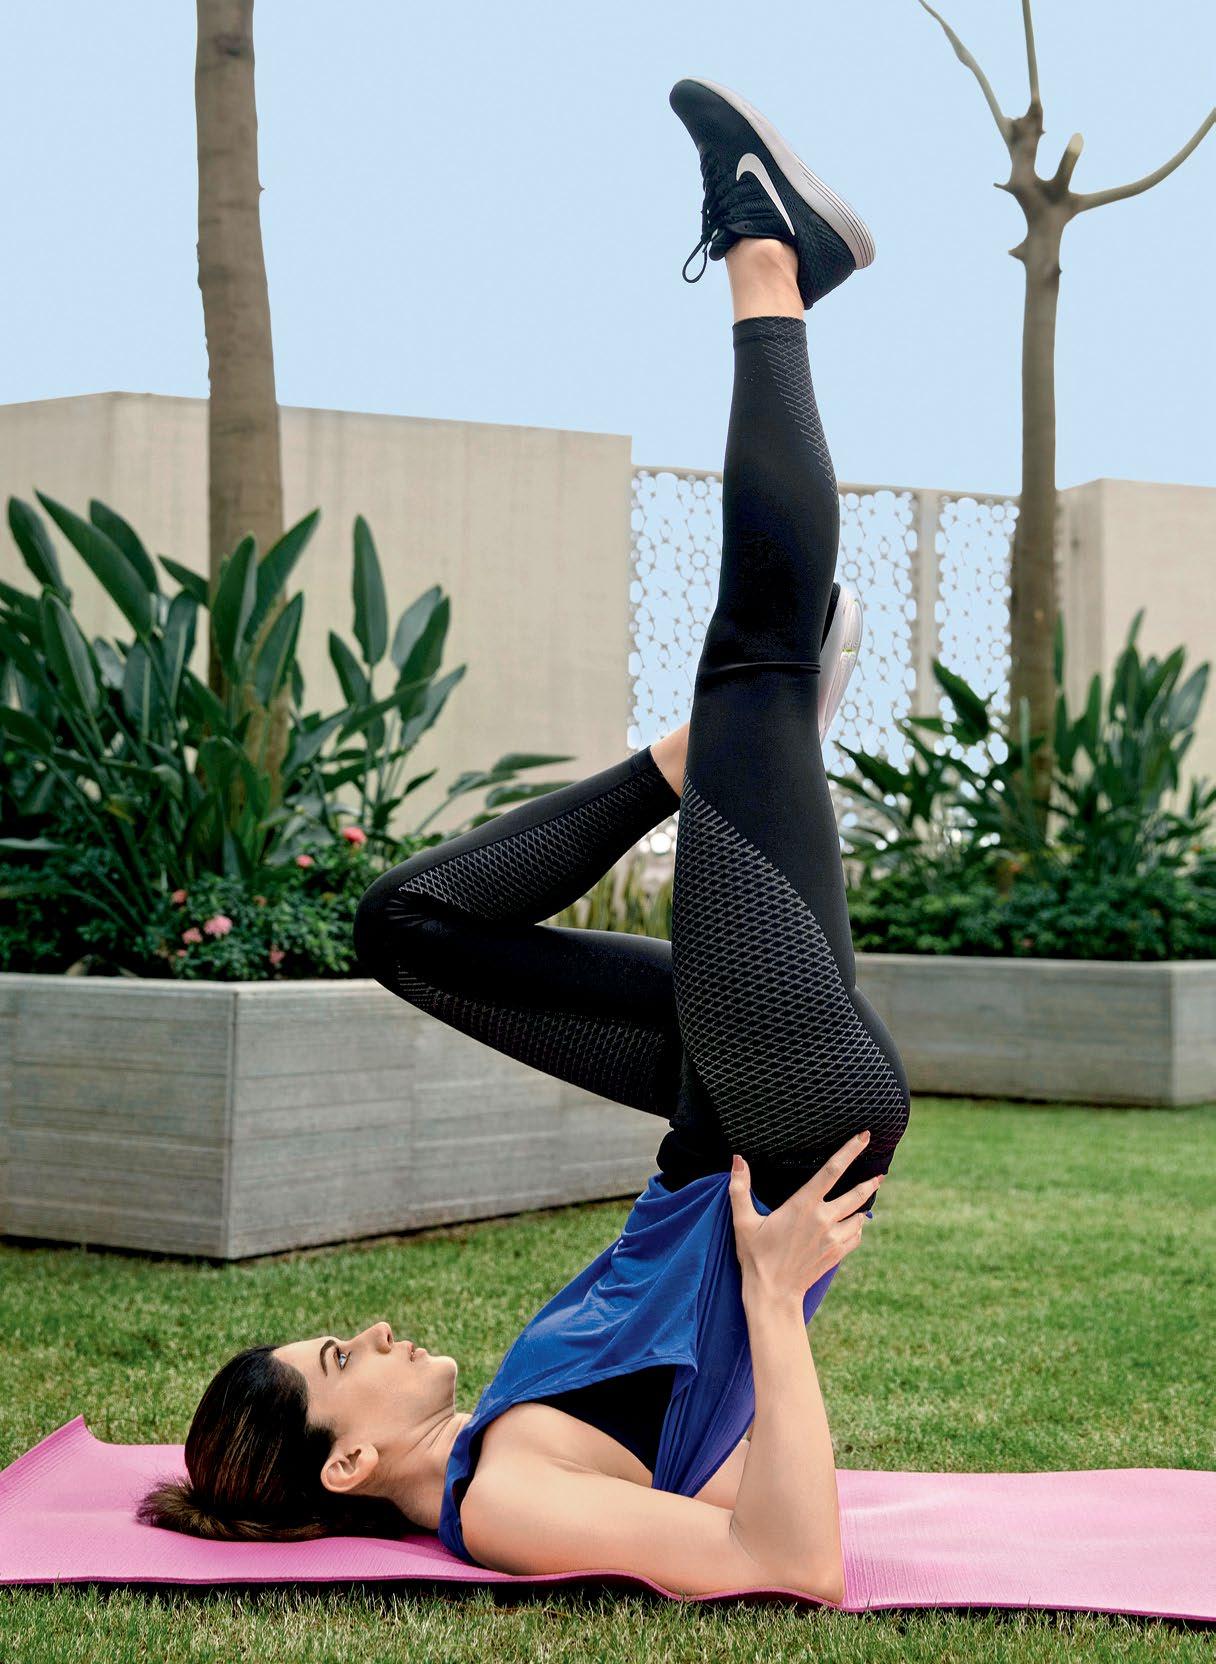 तापसी योगासनंही करते. फिटनेस फंडामध्ये योगाला ती जास्त महत्त्व देते.